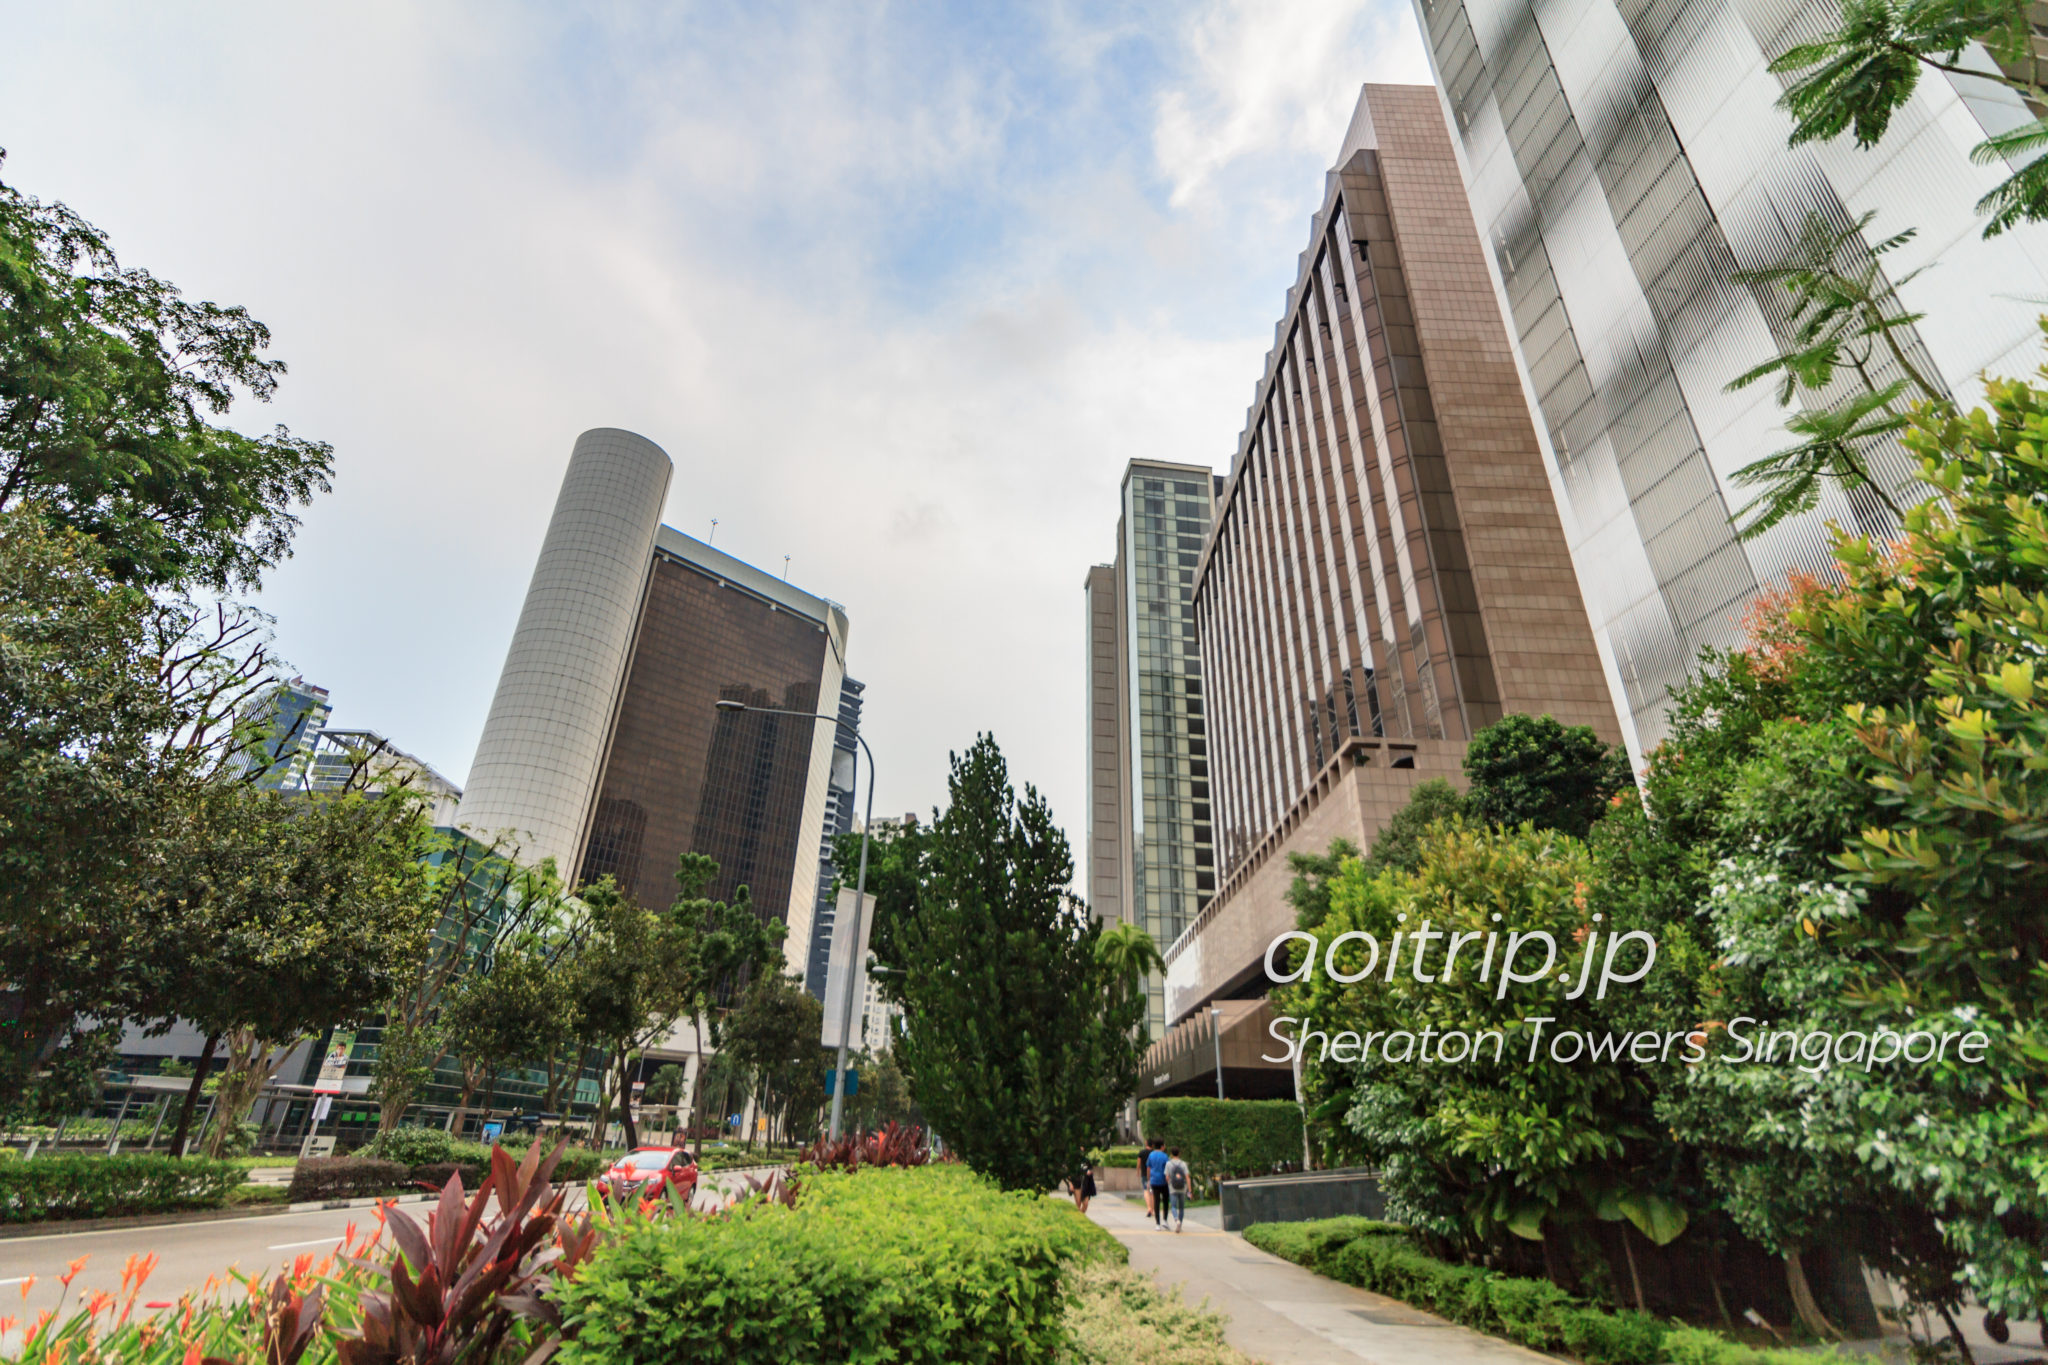 シェラトン タワーズ シンガポールのホテル外観